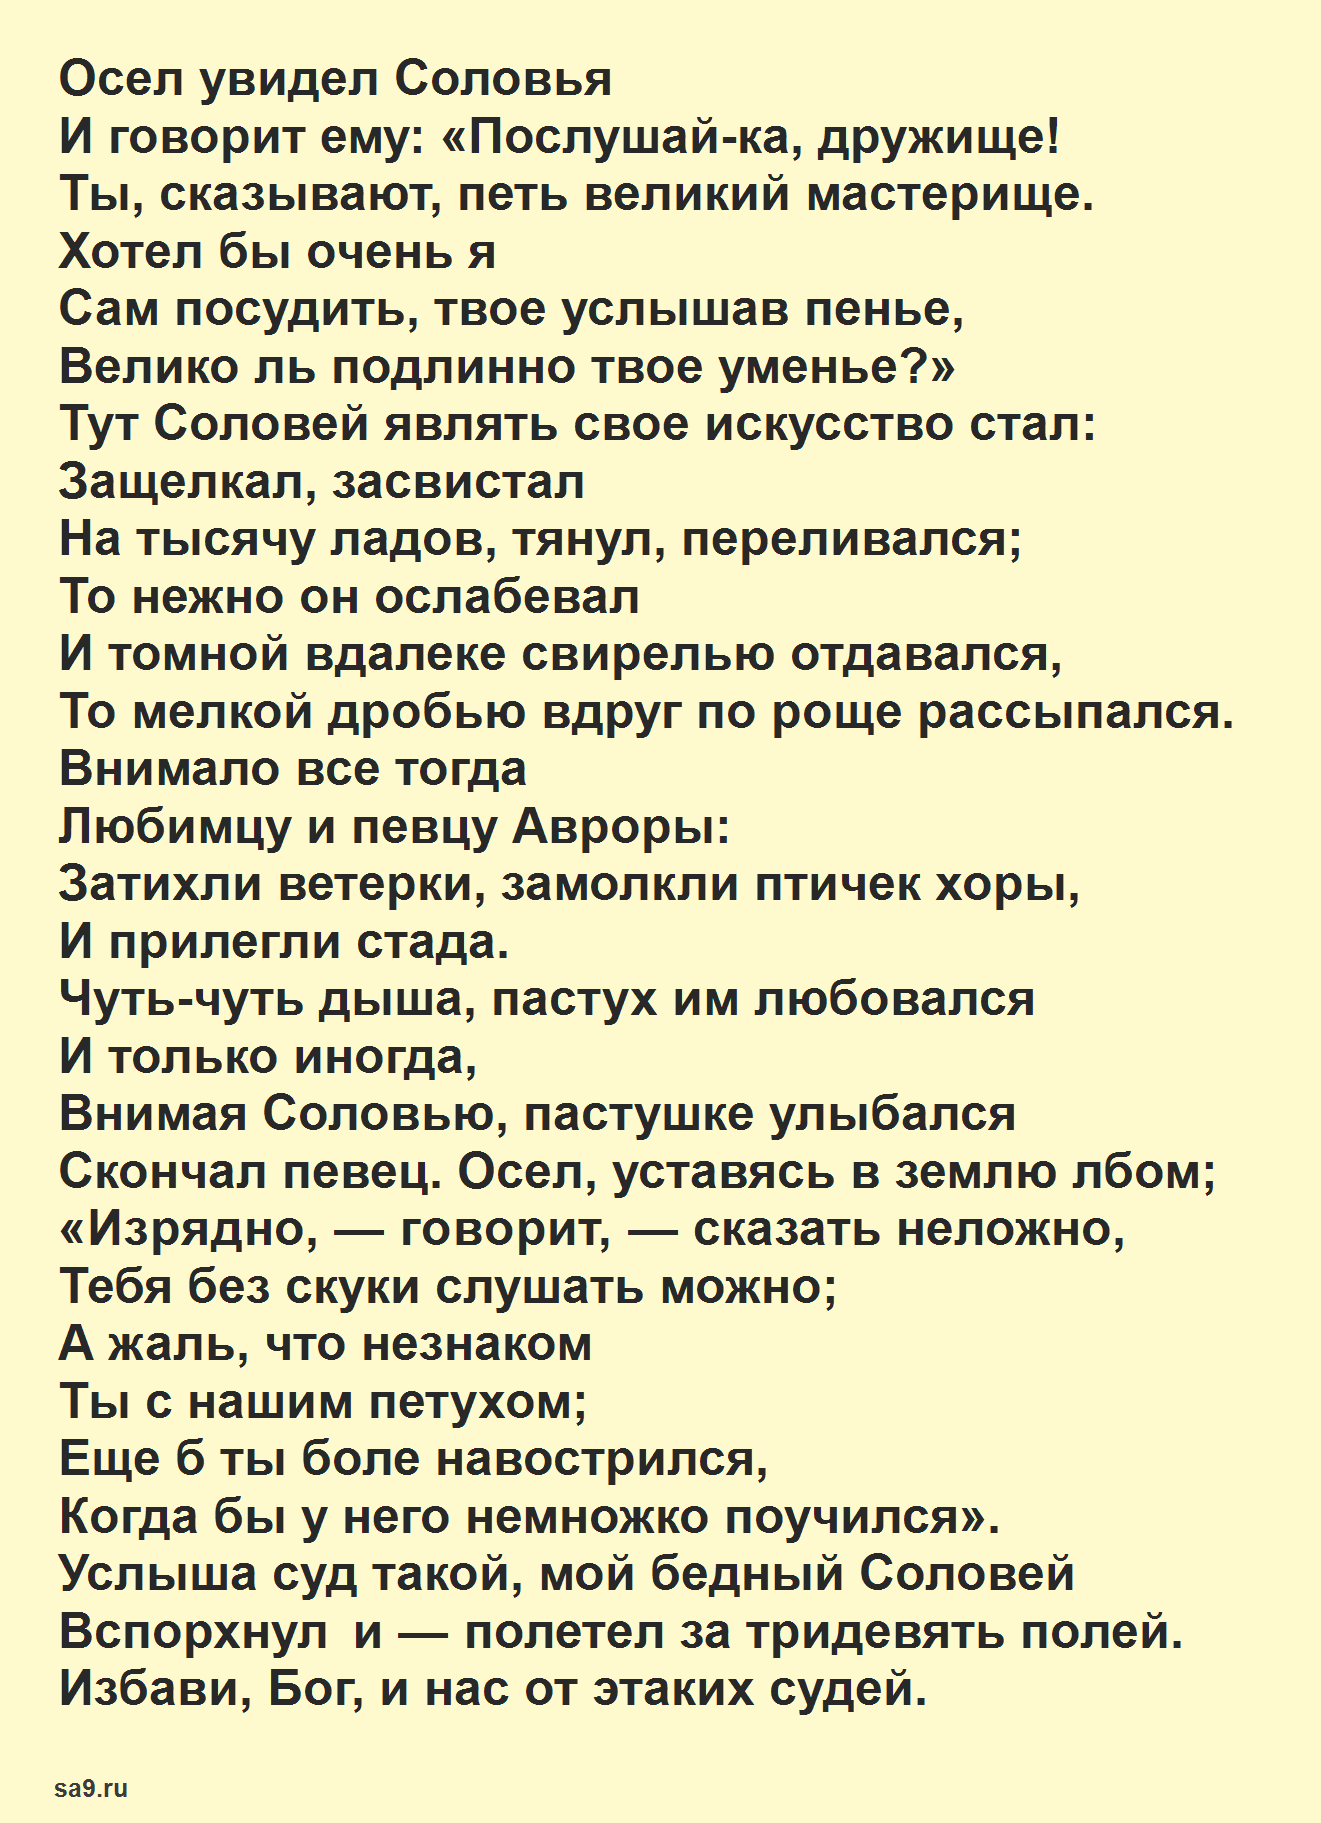 Басня Крылова 'Осел и Соловей', текст басни читать полностью